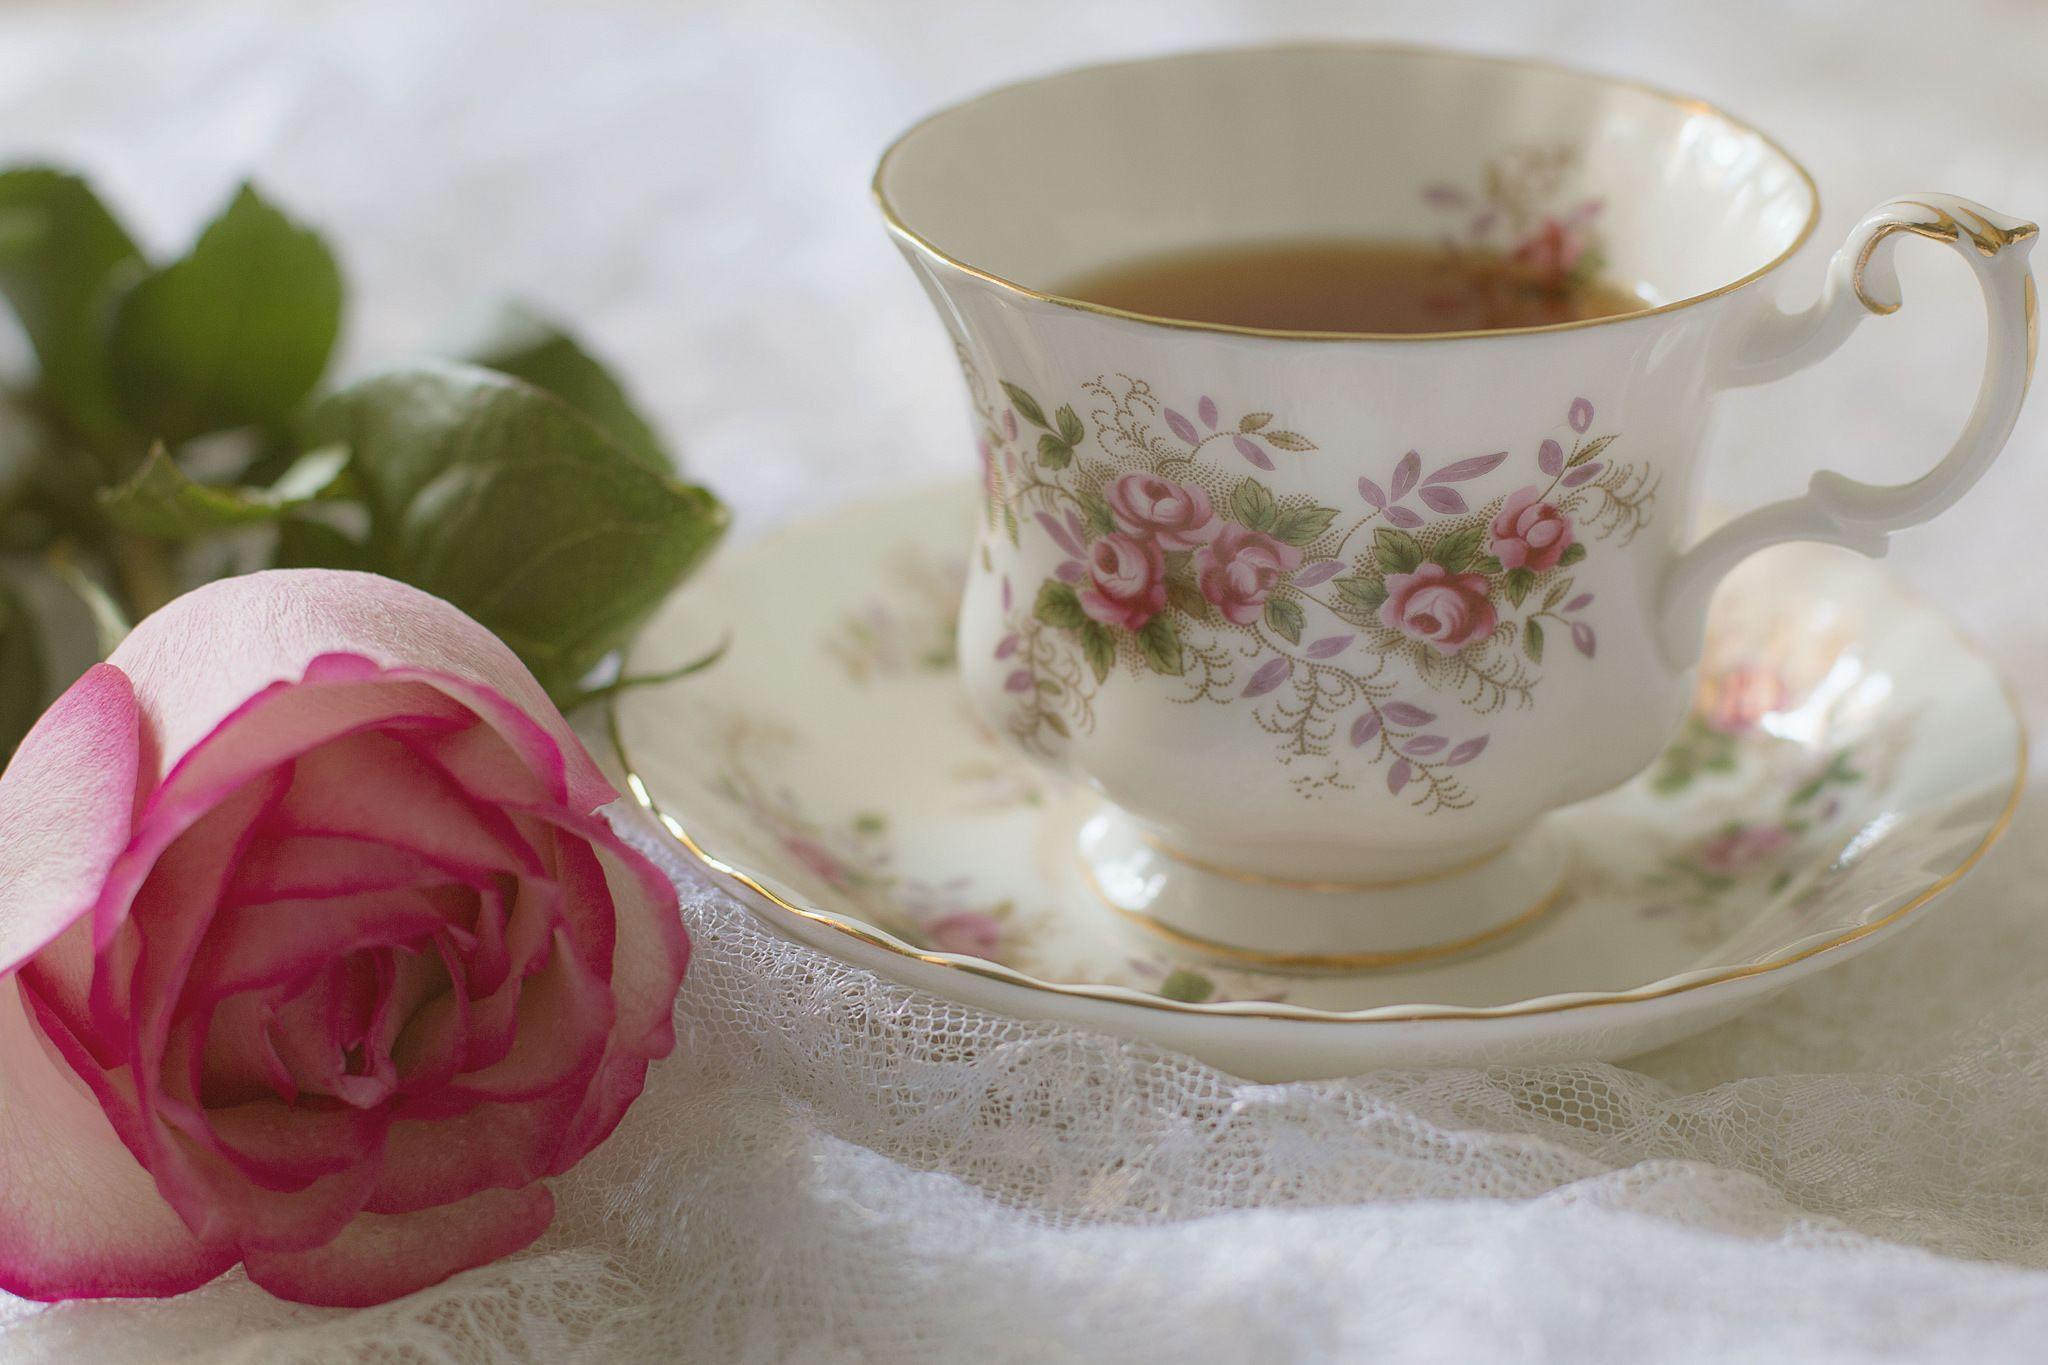 эта доброе утро картинки с розами нежными отдыха